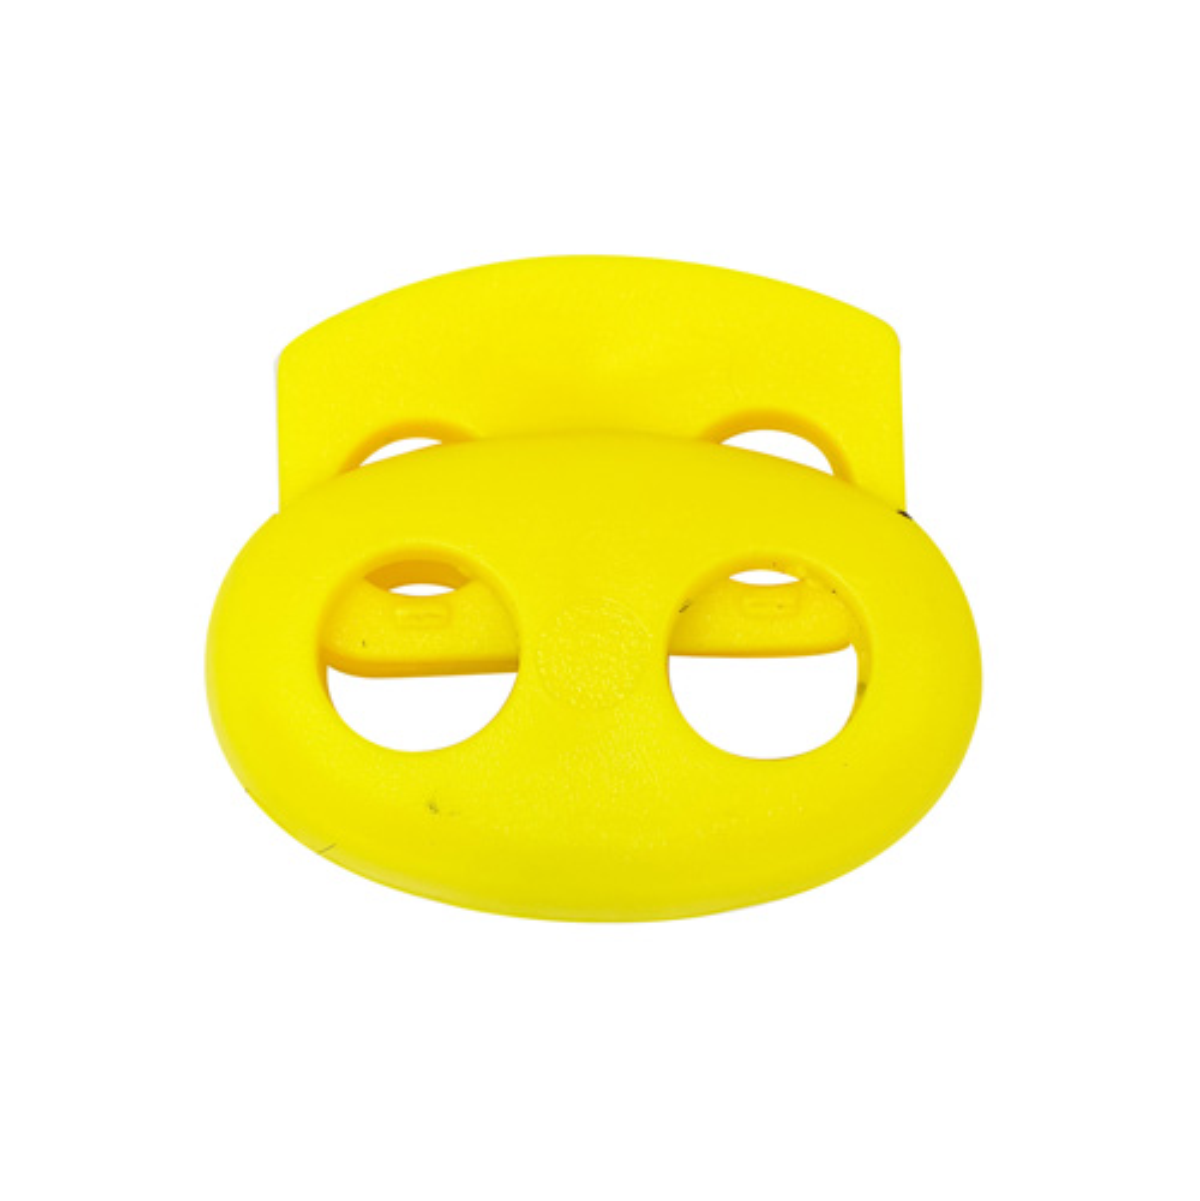 103-М Фиксатор (стопор) 'Овал' малый двухдырочный d=4мм, 14*17мм, ПП (желтый) фото